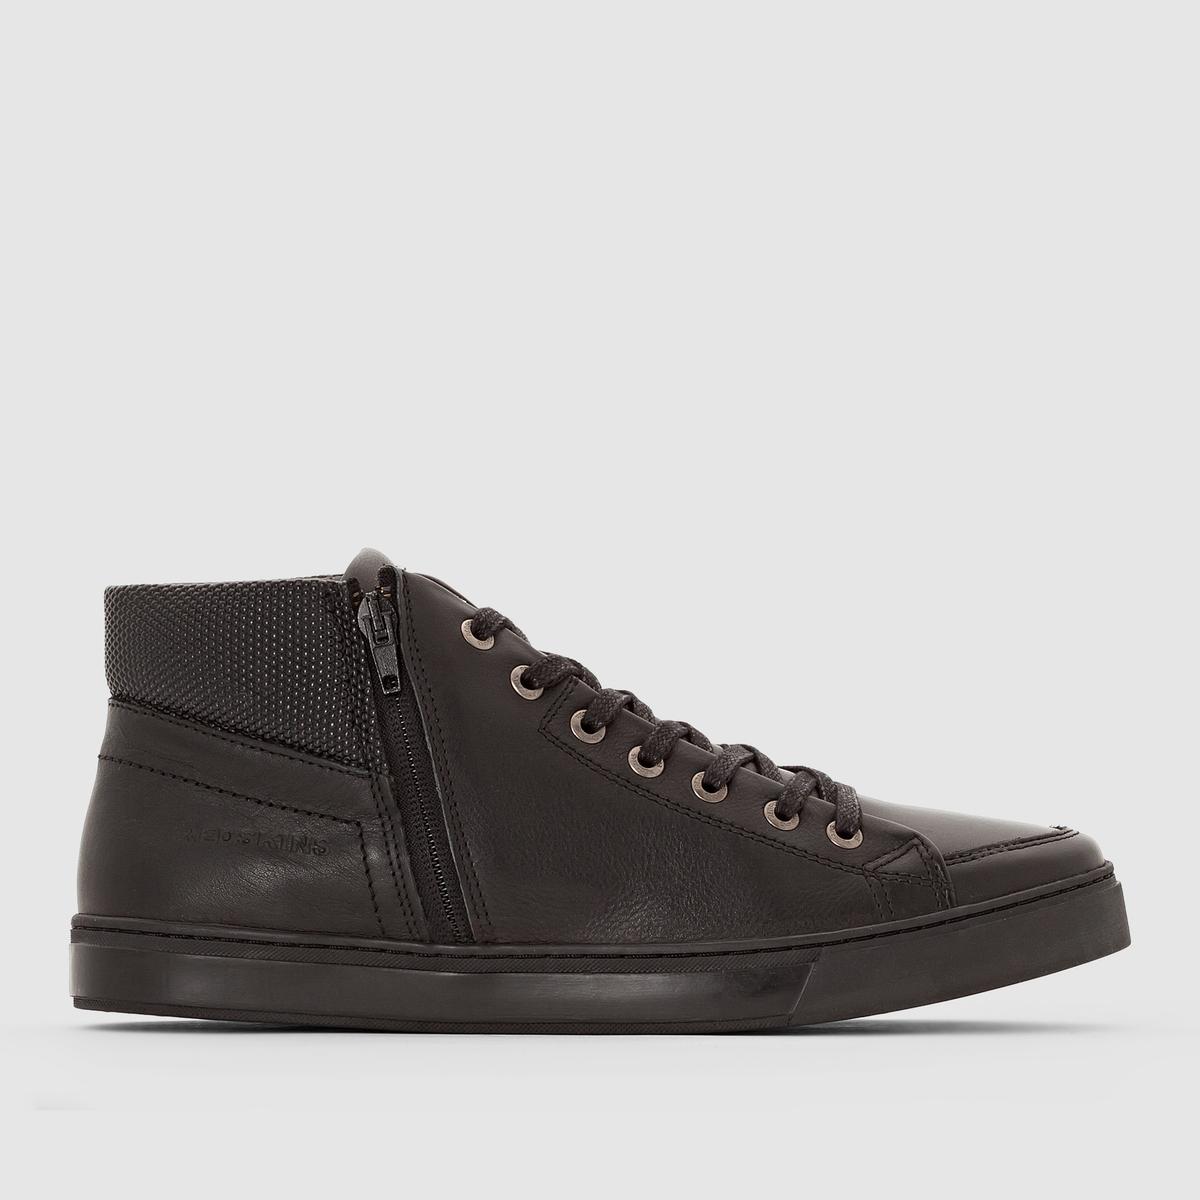 Кеды высокие SIDANERПодкладка : Кожа и текстиль    Стелька : Кожа   Подошва : каучук.   Форма каблука : Плоский каблук   Носок : Закругленный.    Застежка : шнуровка.<br><br>Цвет: черный